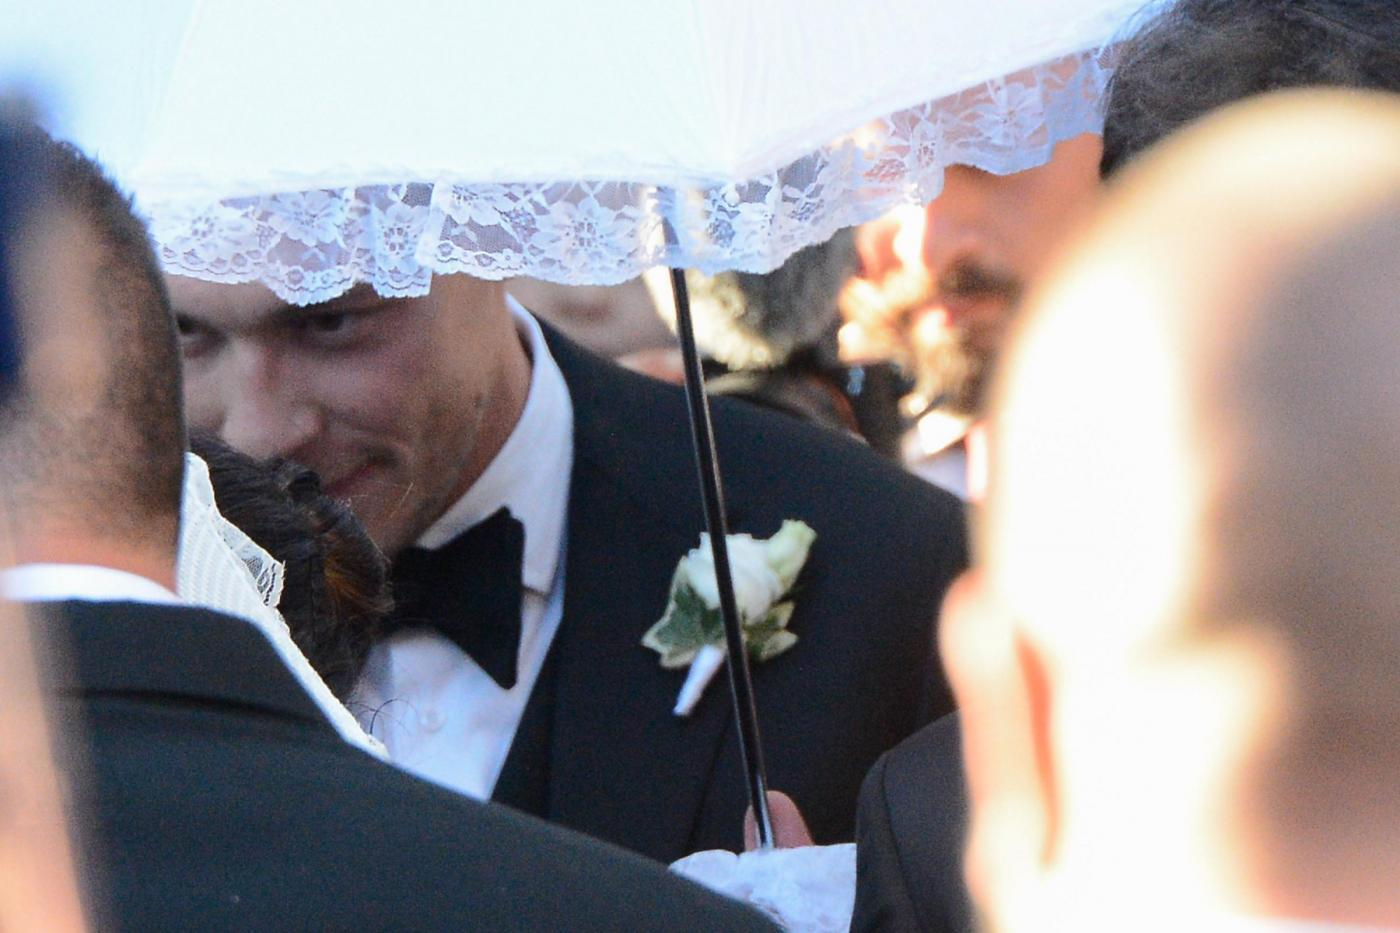 Matrimonio Belotti : Matrimonio belotti ecco finalmente le foto